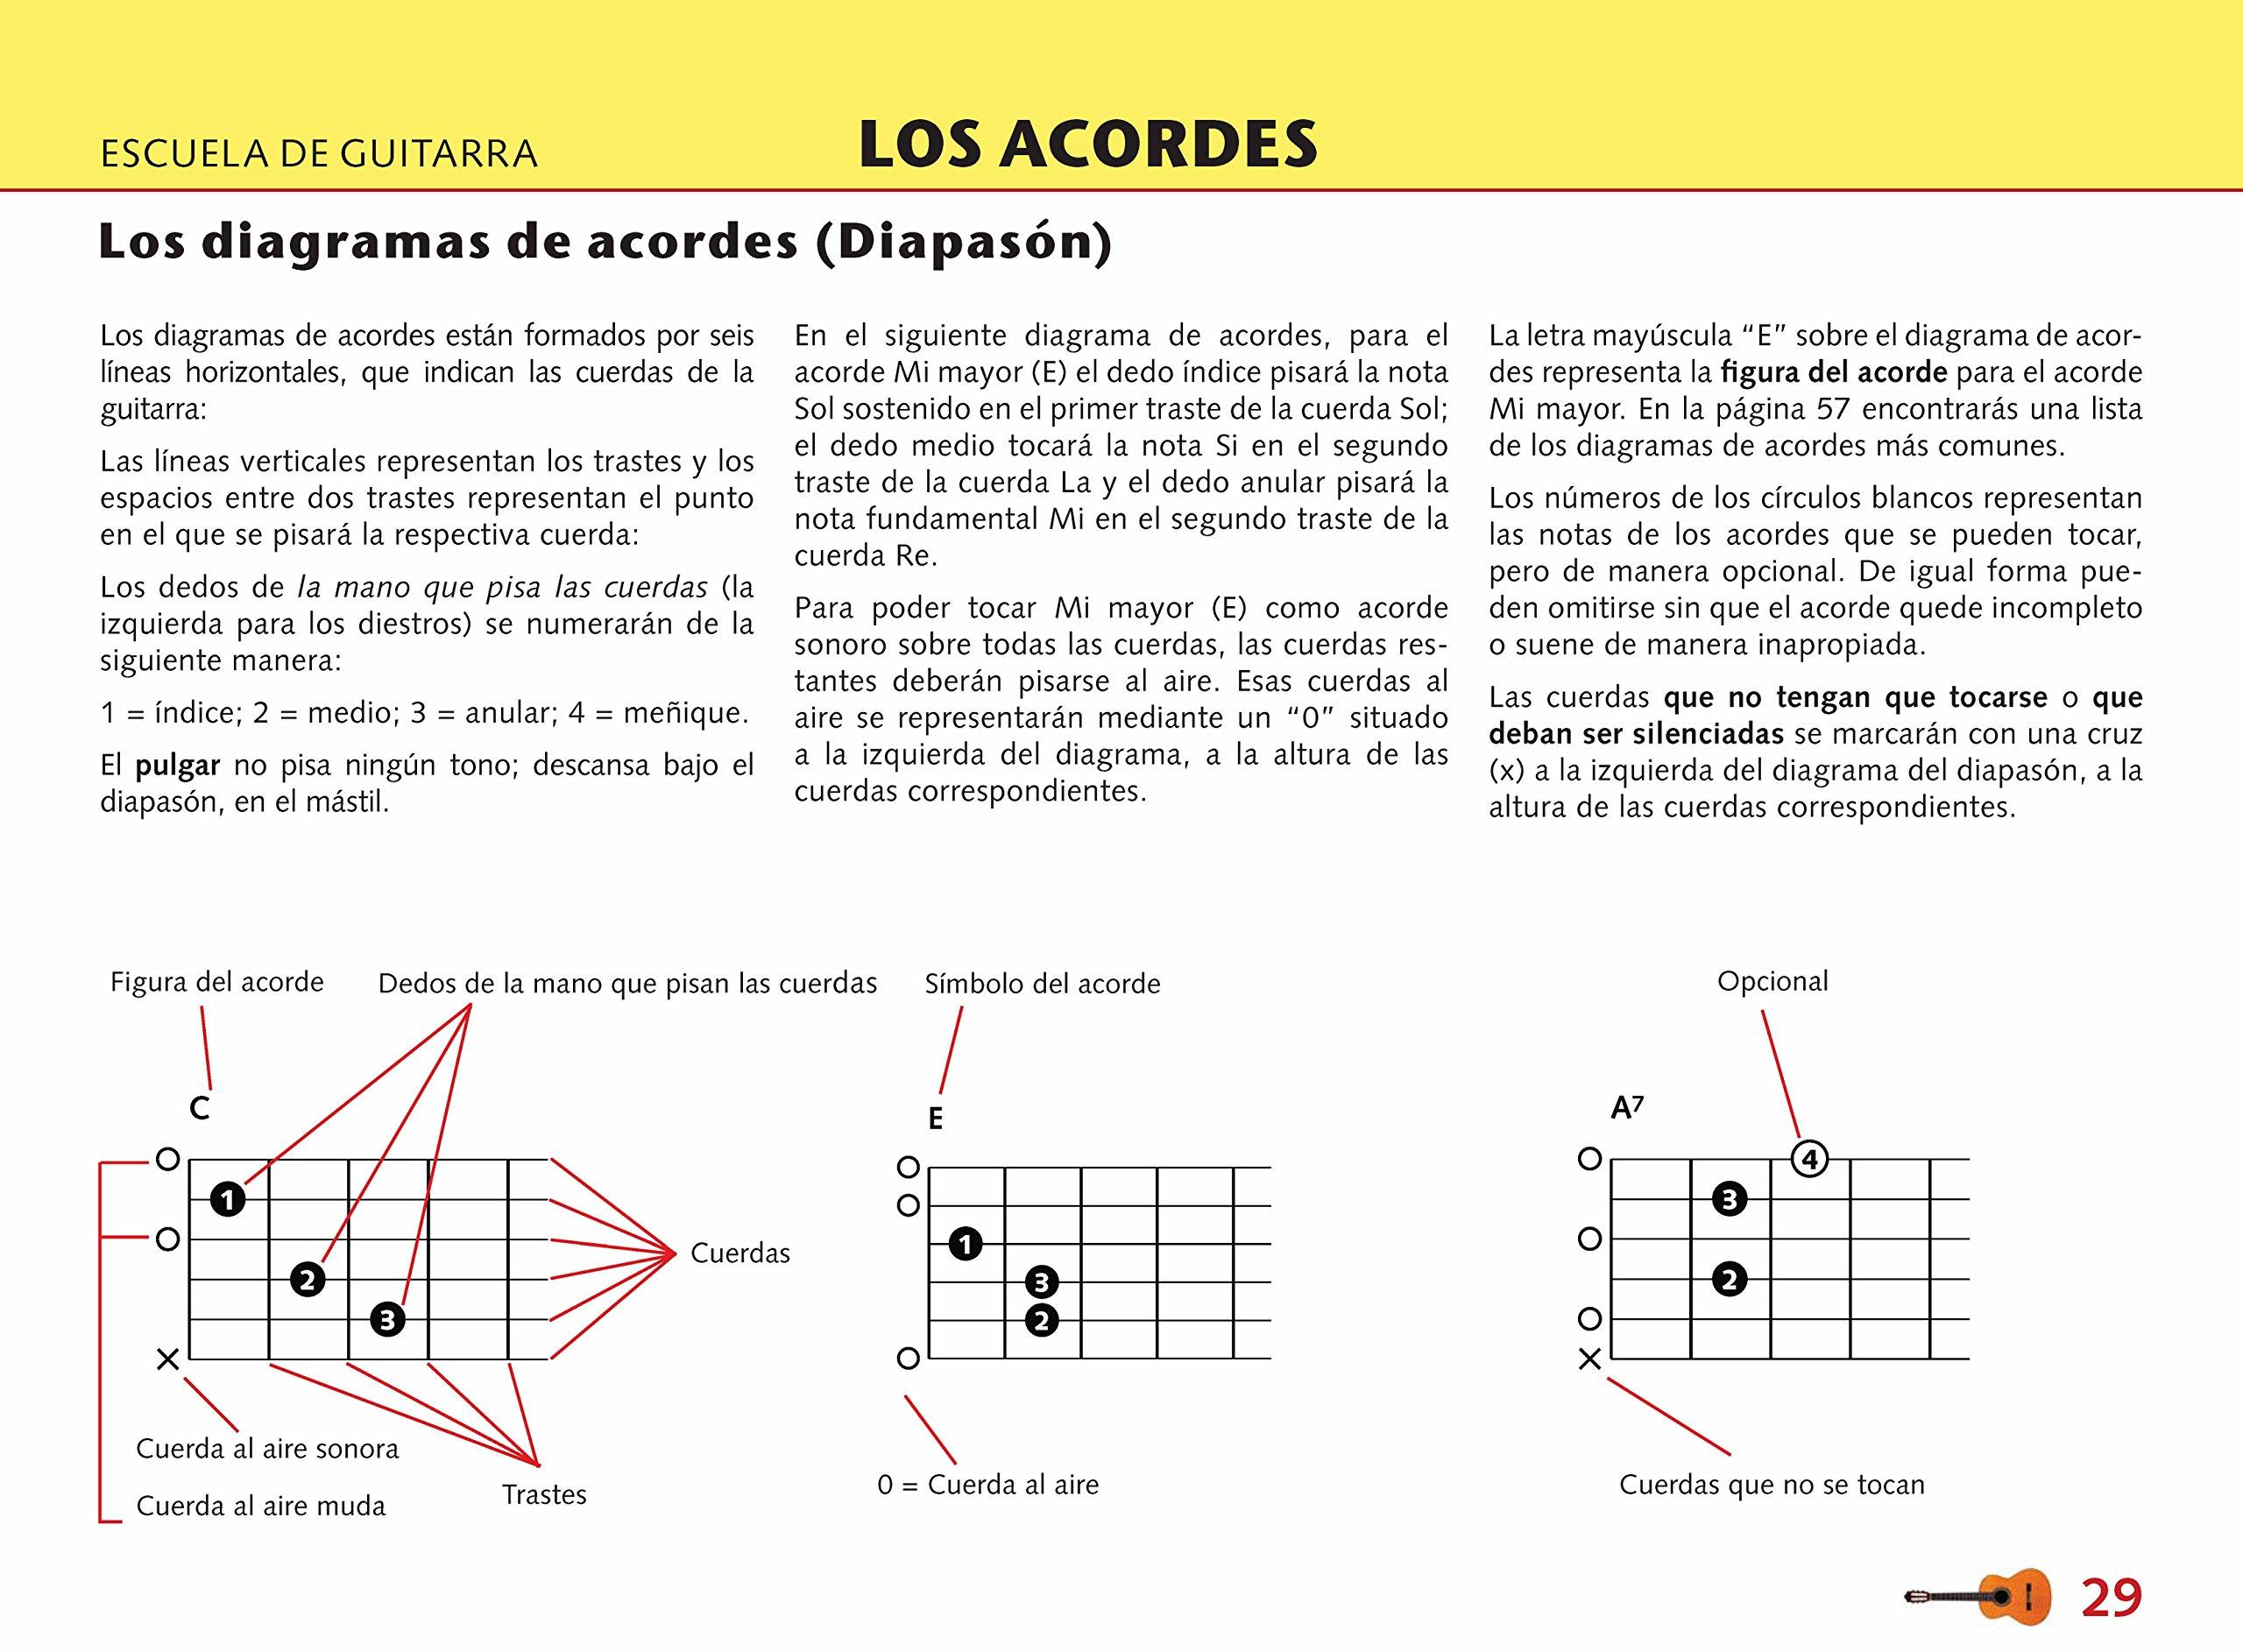 La Gran Escuela De Guitarra (Libro Atril): Amazon.es: Vv.Aa.: Libros